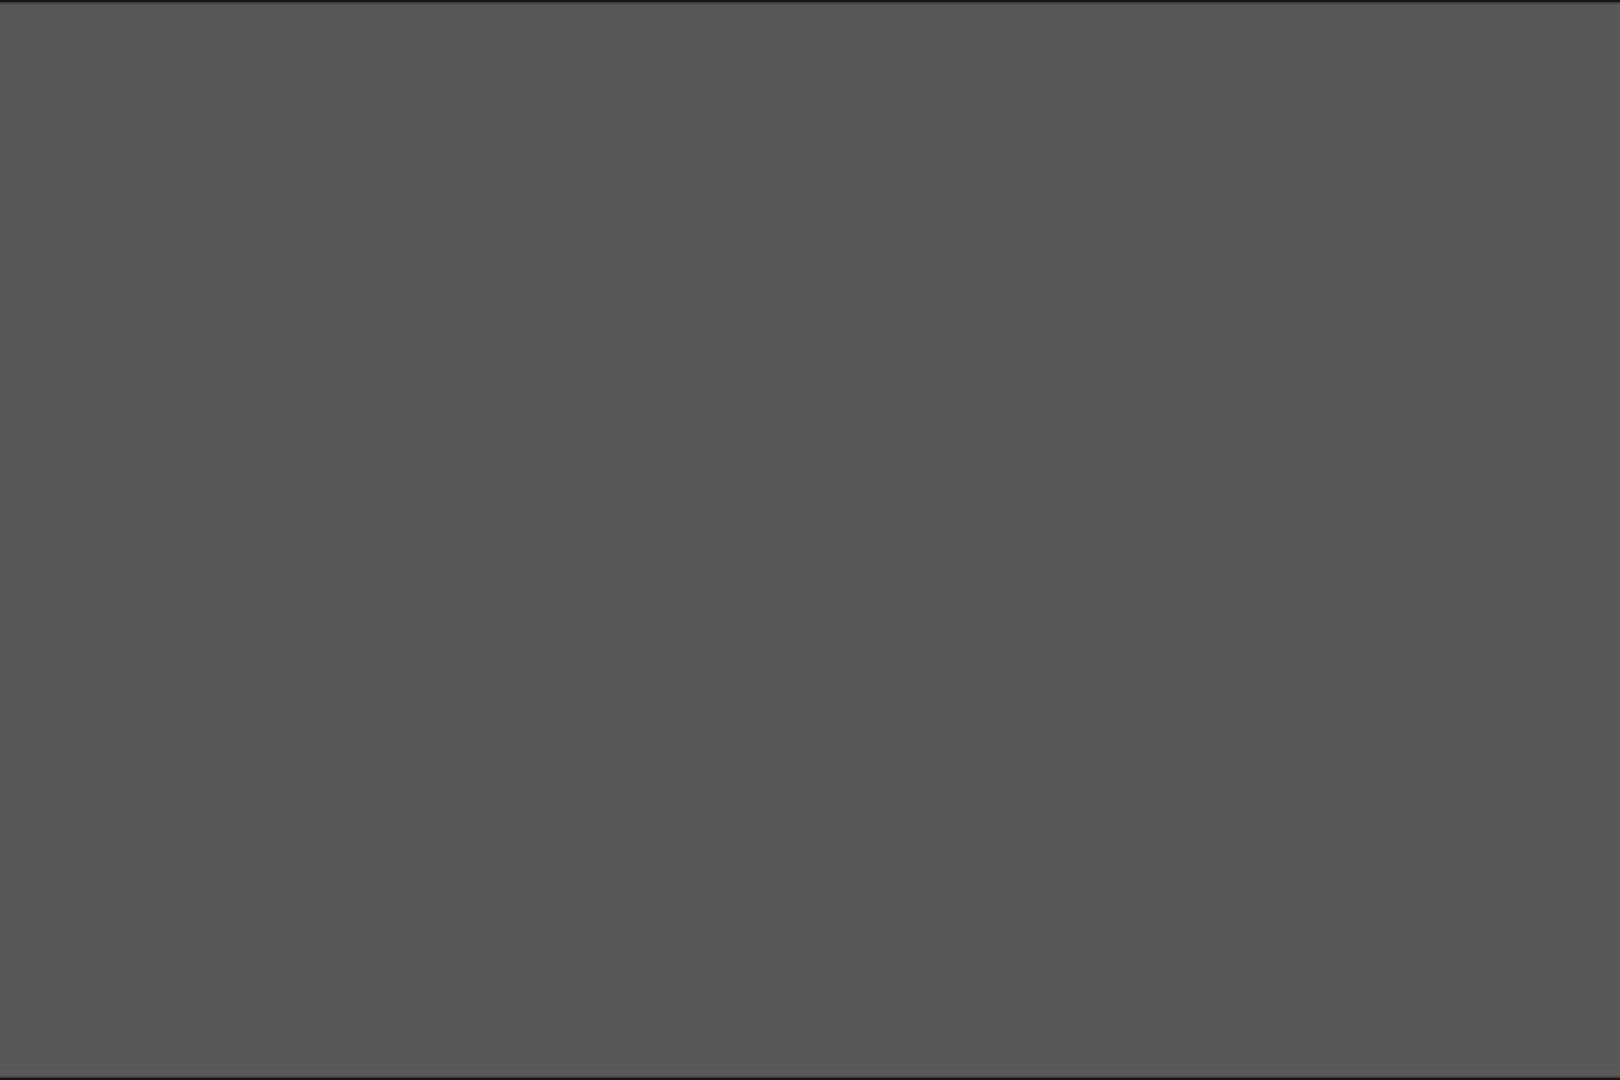 マンコ丸見え女子洗面所Vol.18 マンコ映像   美女OL  105連発 26